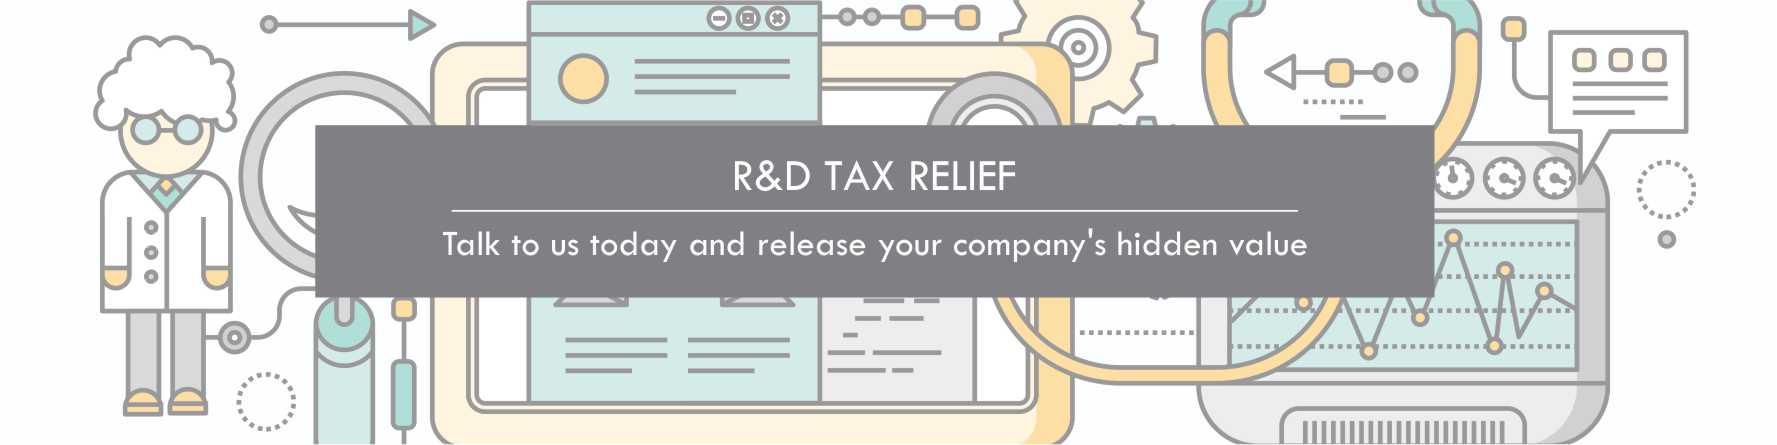 r-d-tax-credits-banner.jpg